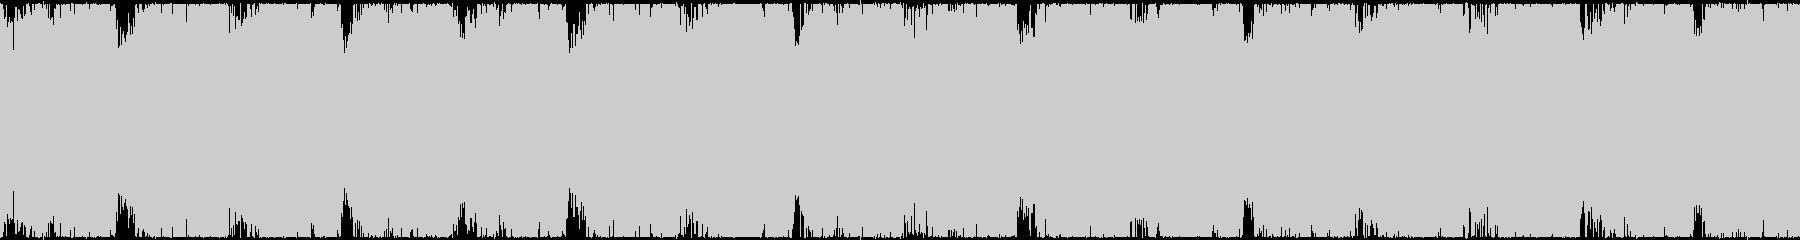 疾走感のあるロックテイストなループBGMの未再生の波形